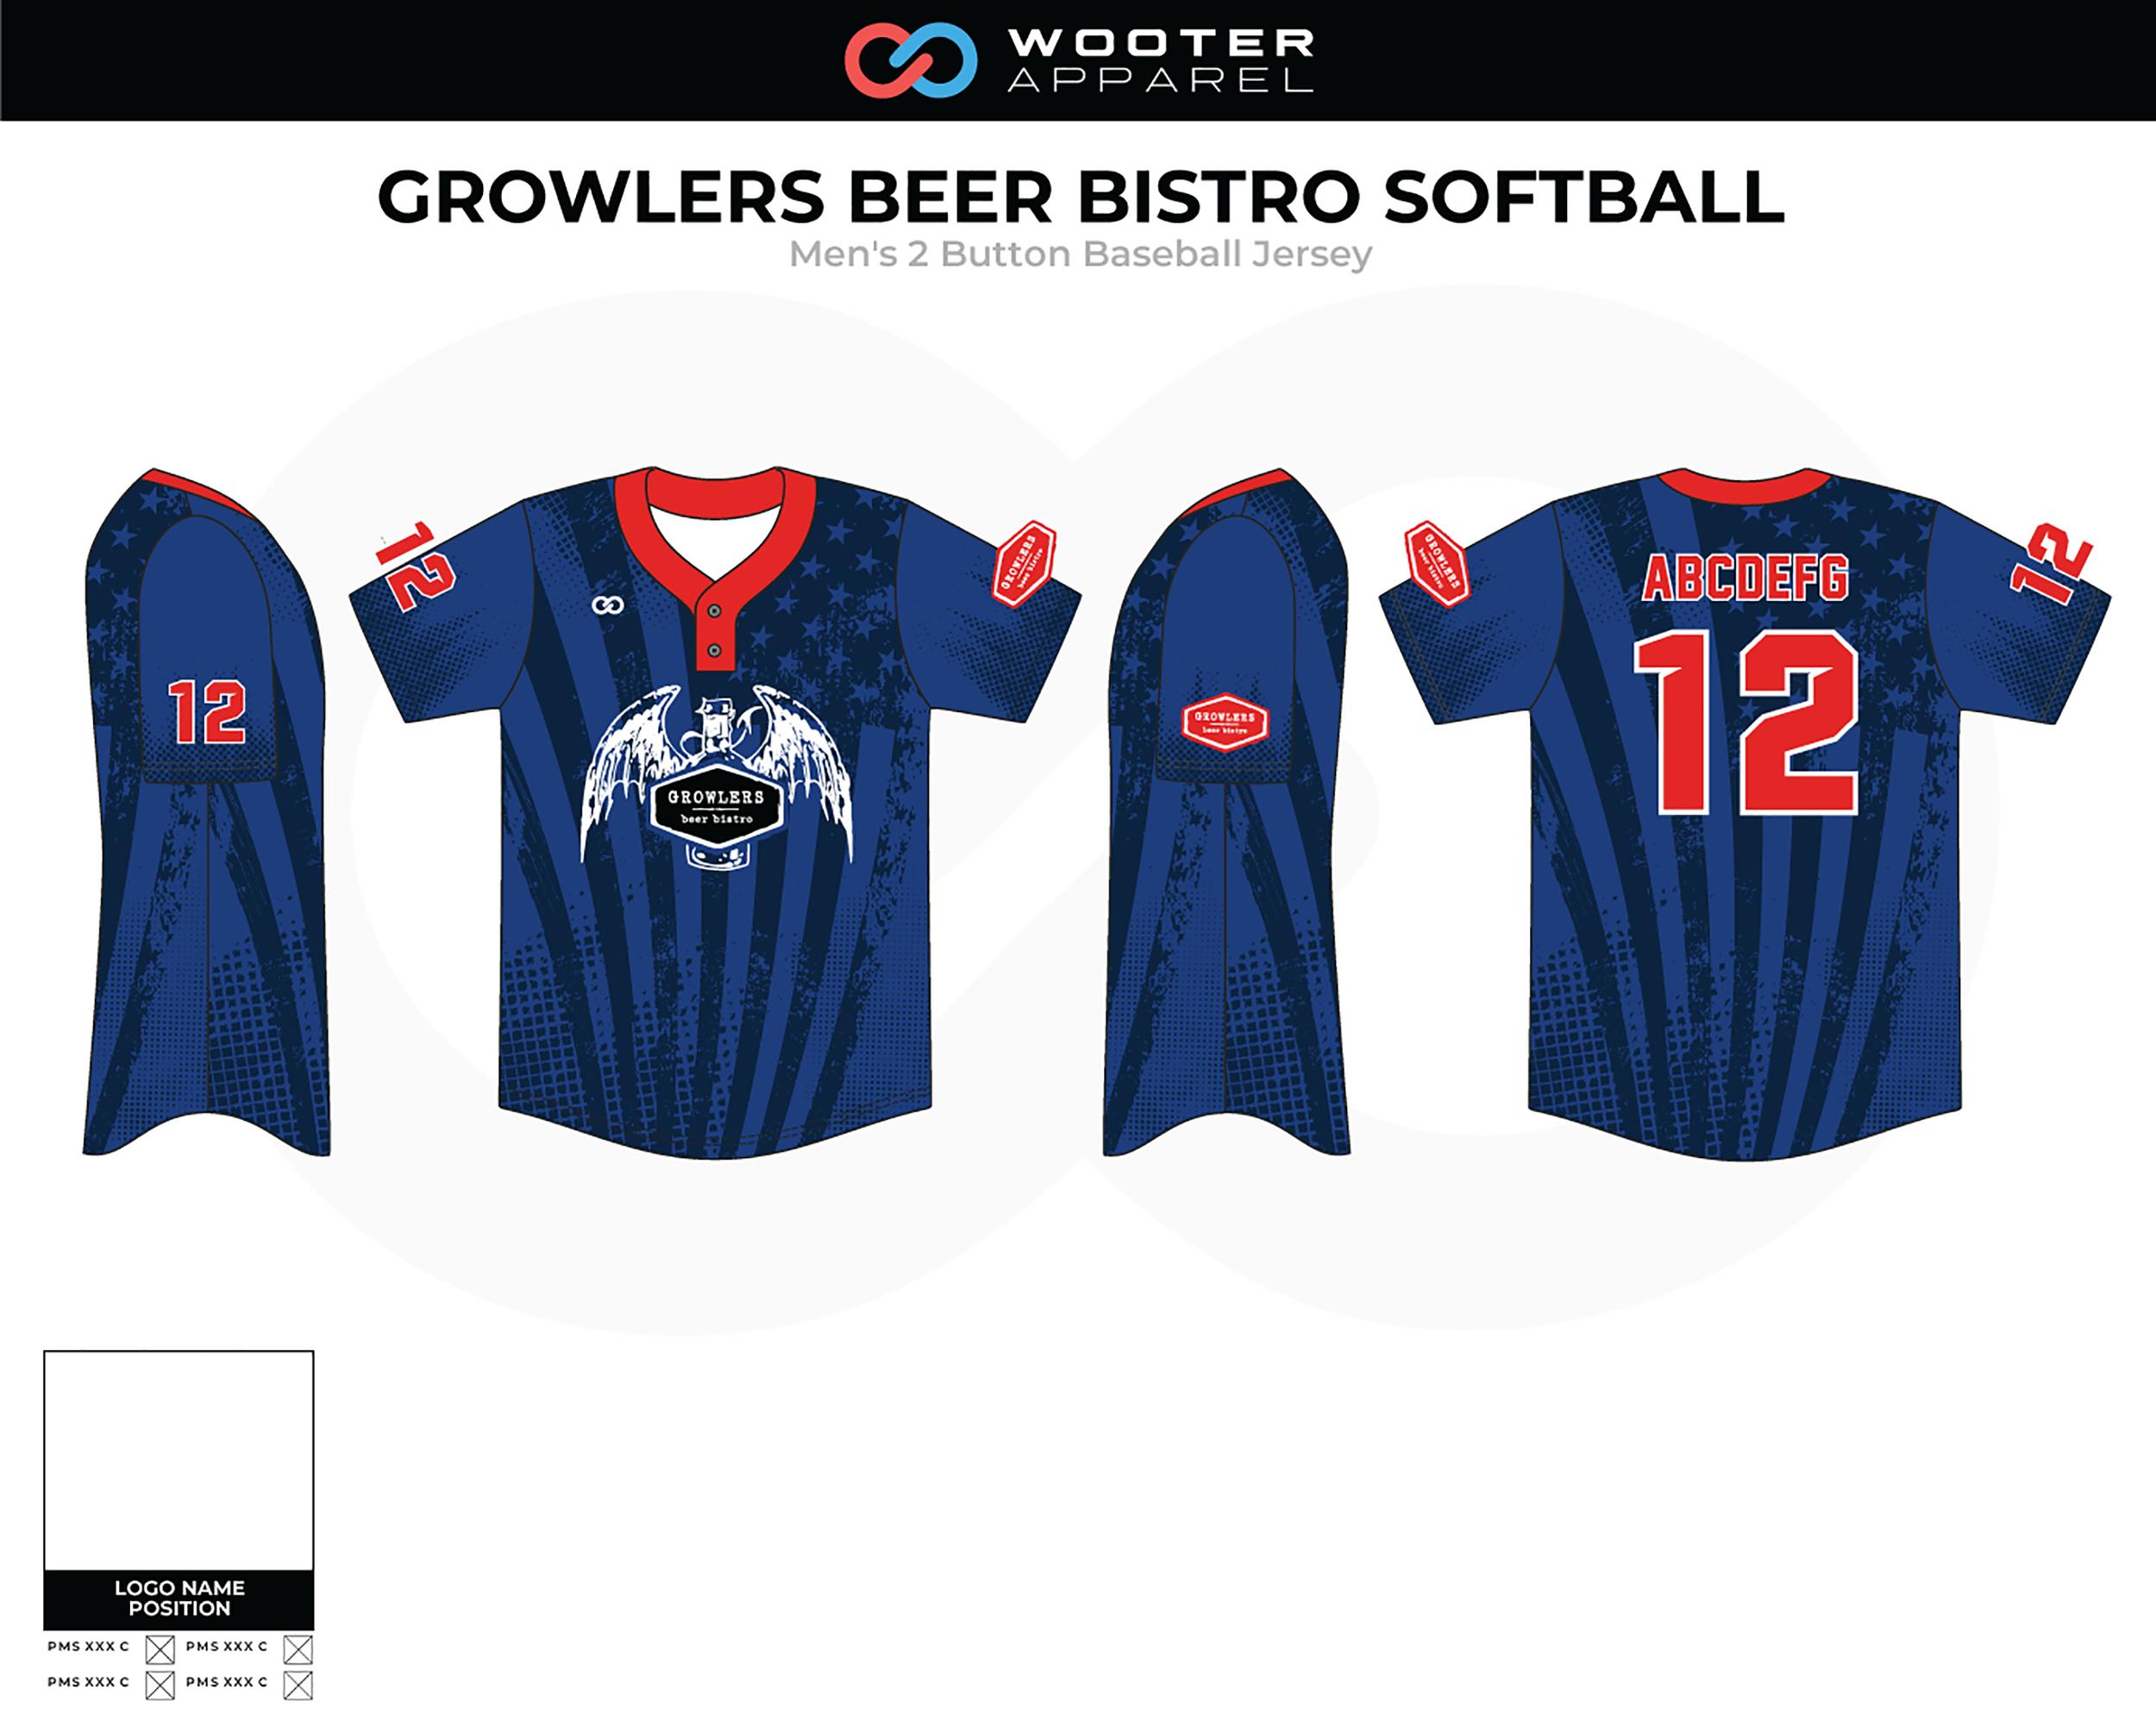 GrowlersBeerBistroSoftball_JerseyMockupV3.png